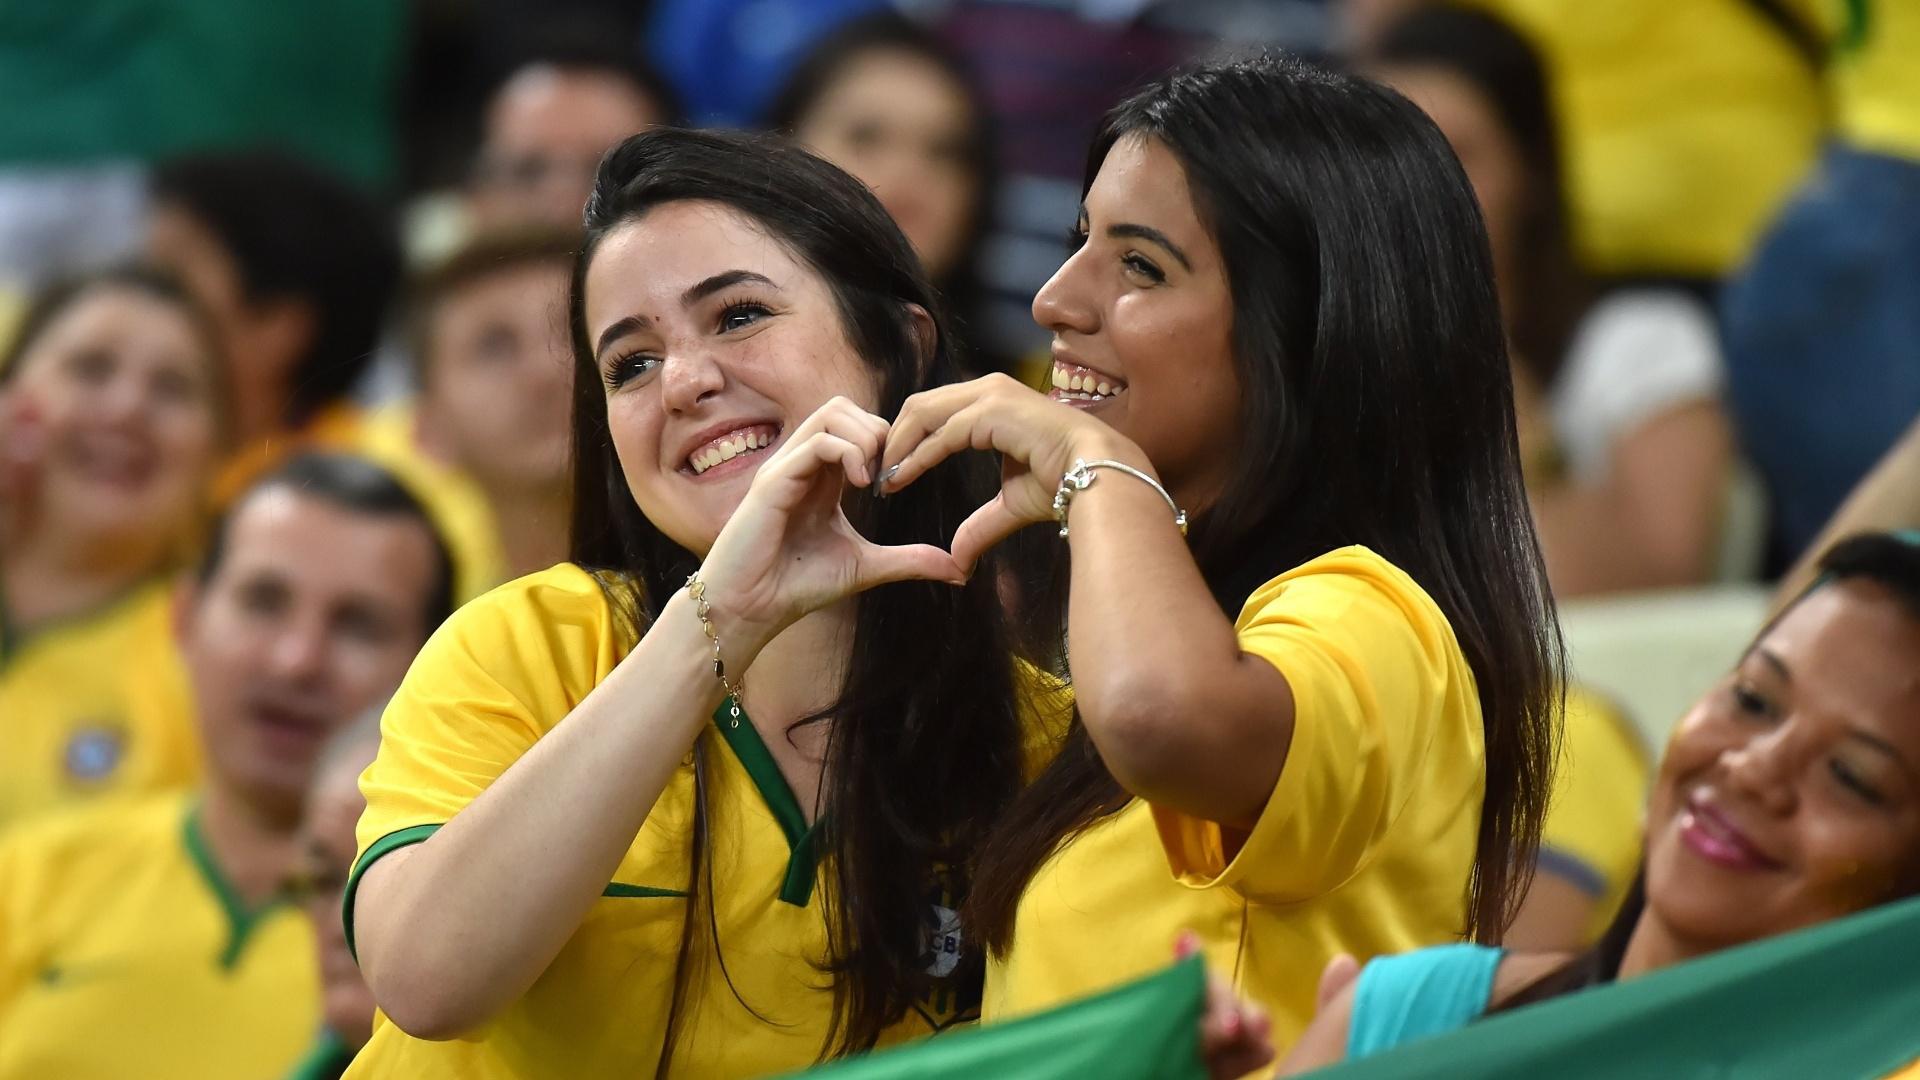 Torcedoras do Brasil vão ao Castelão para apoiar a seleção brasileira contra a Venezuela